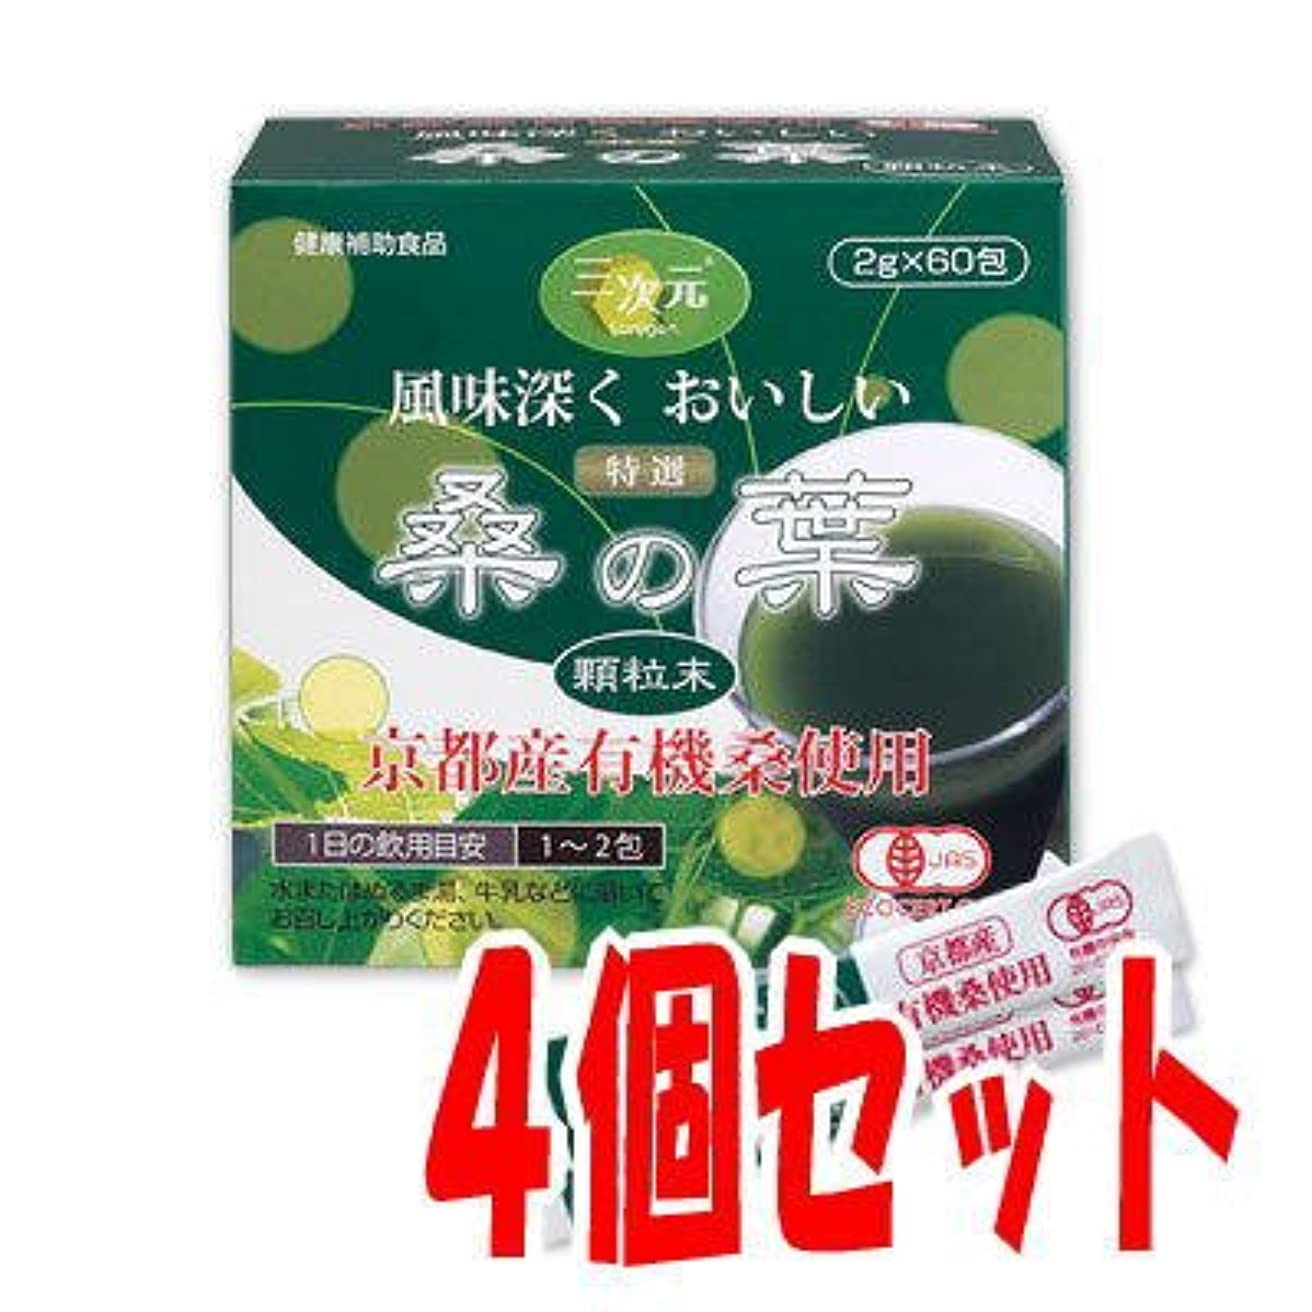 狂う笑いメディック特選「桑の葉」顆粒末1箱60包入×4箱セット 国産(京都産)有機桑使用 苦くなく風味深くおいしい青汁